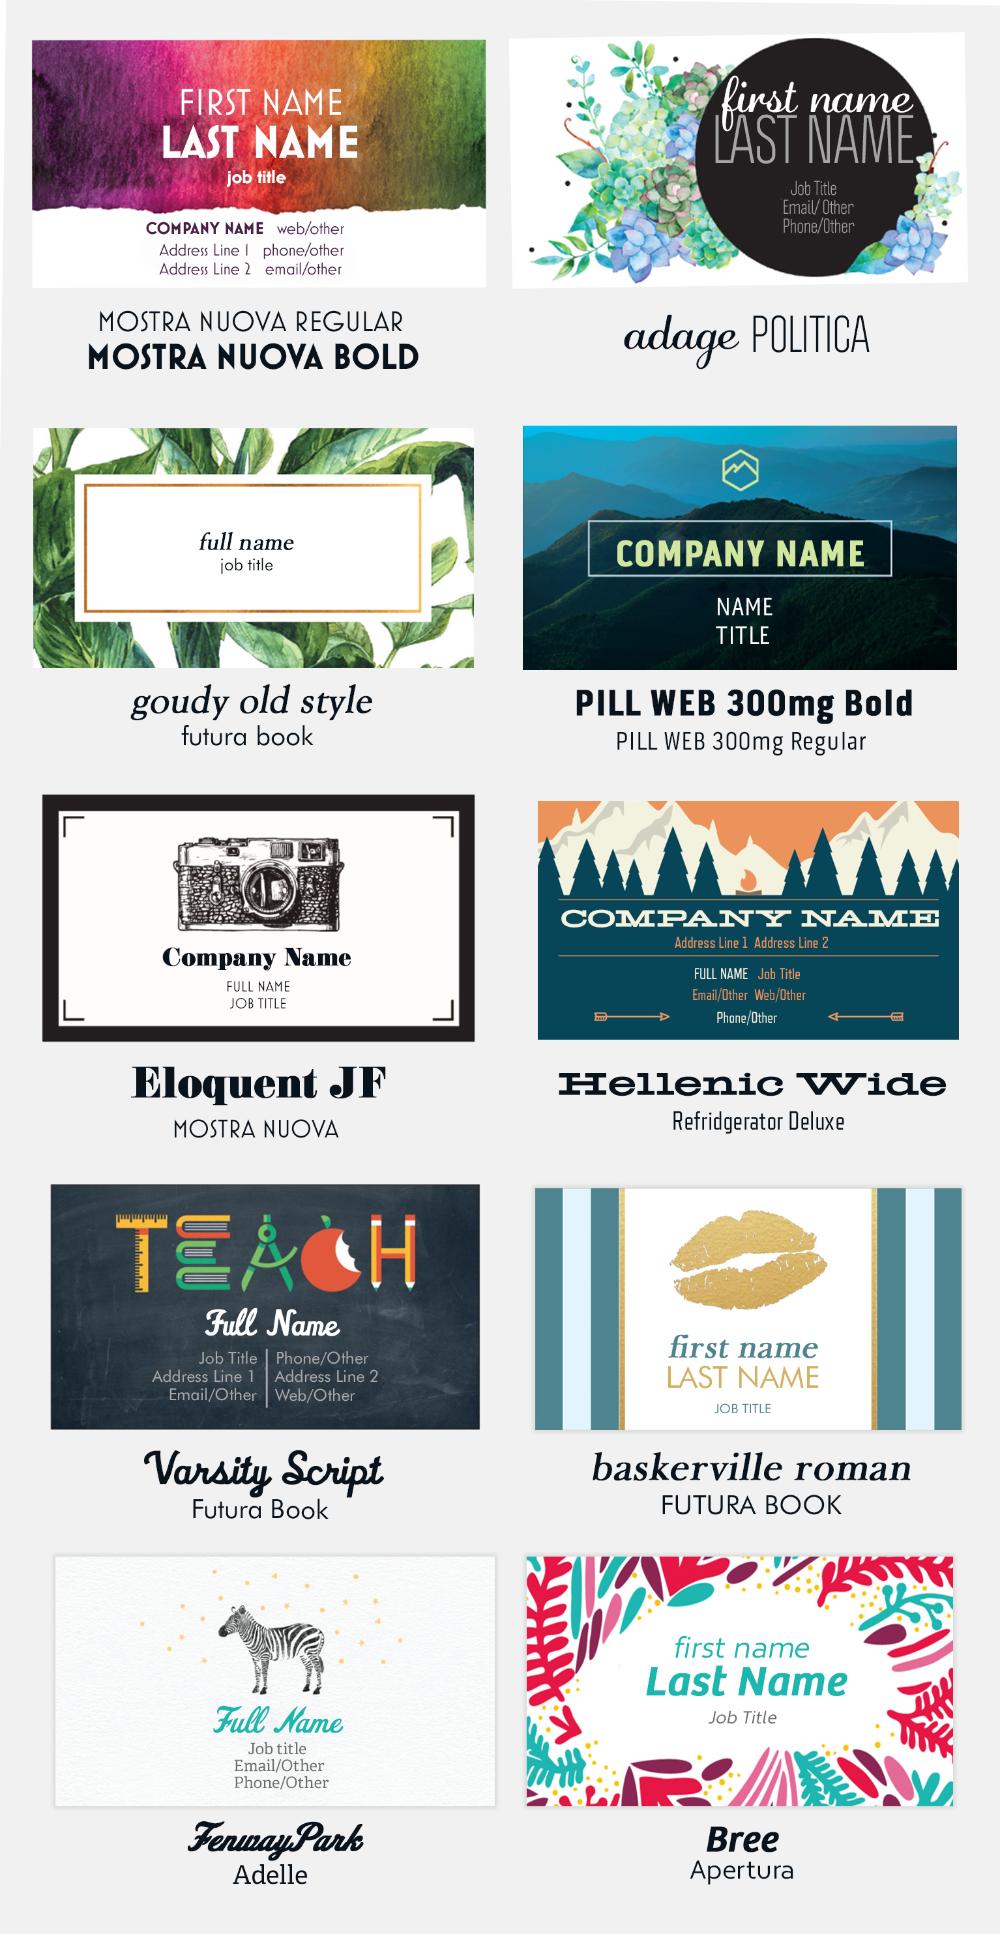 vistaprint  vistaprint business cards unique business